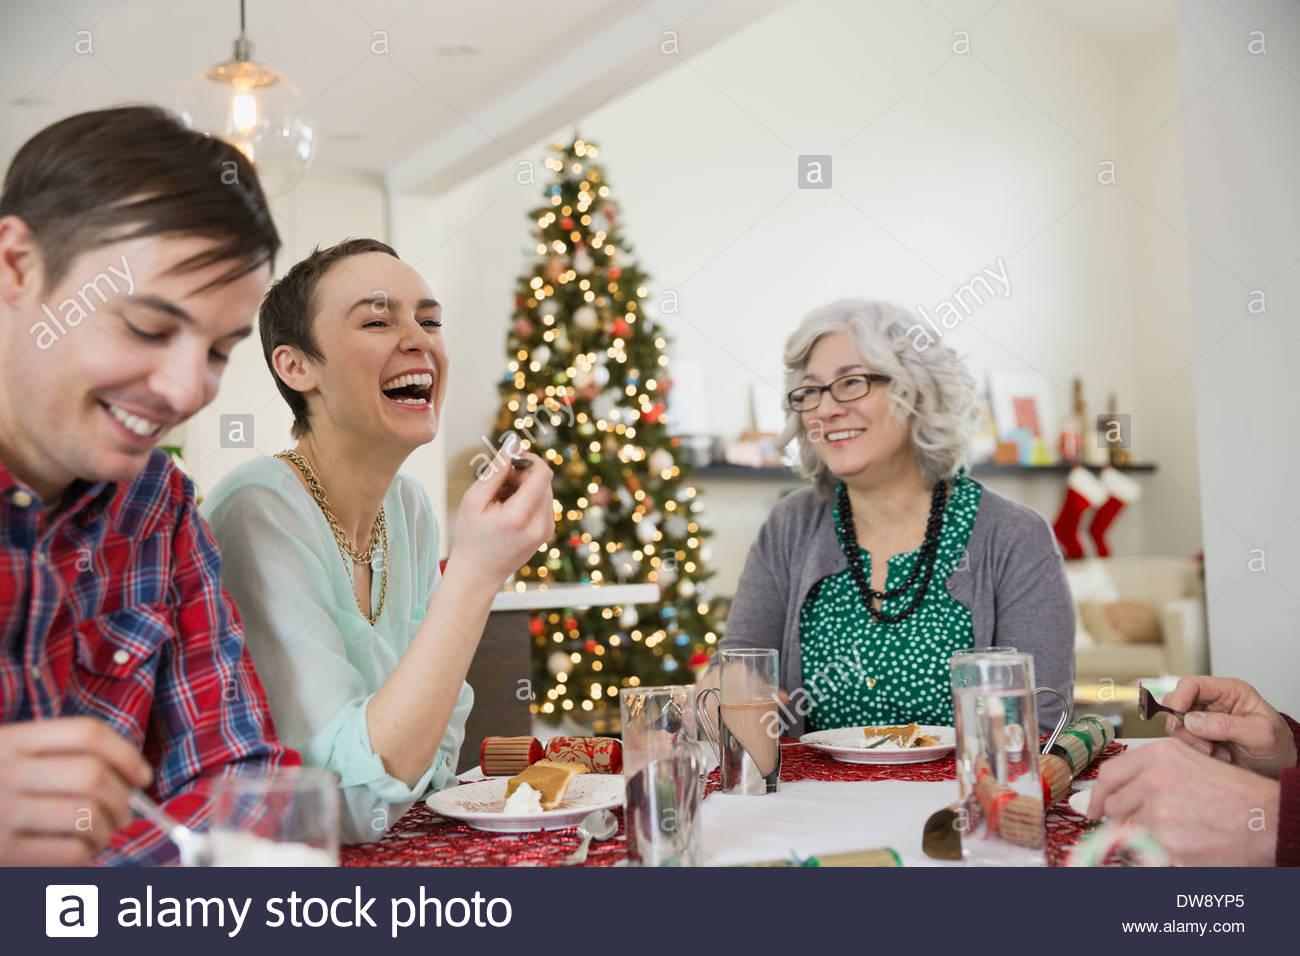 Family enjoying Christmas meal together - Stock Image